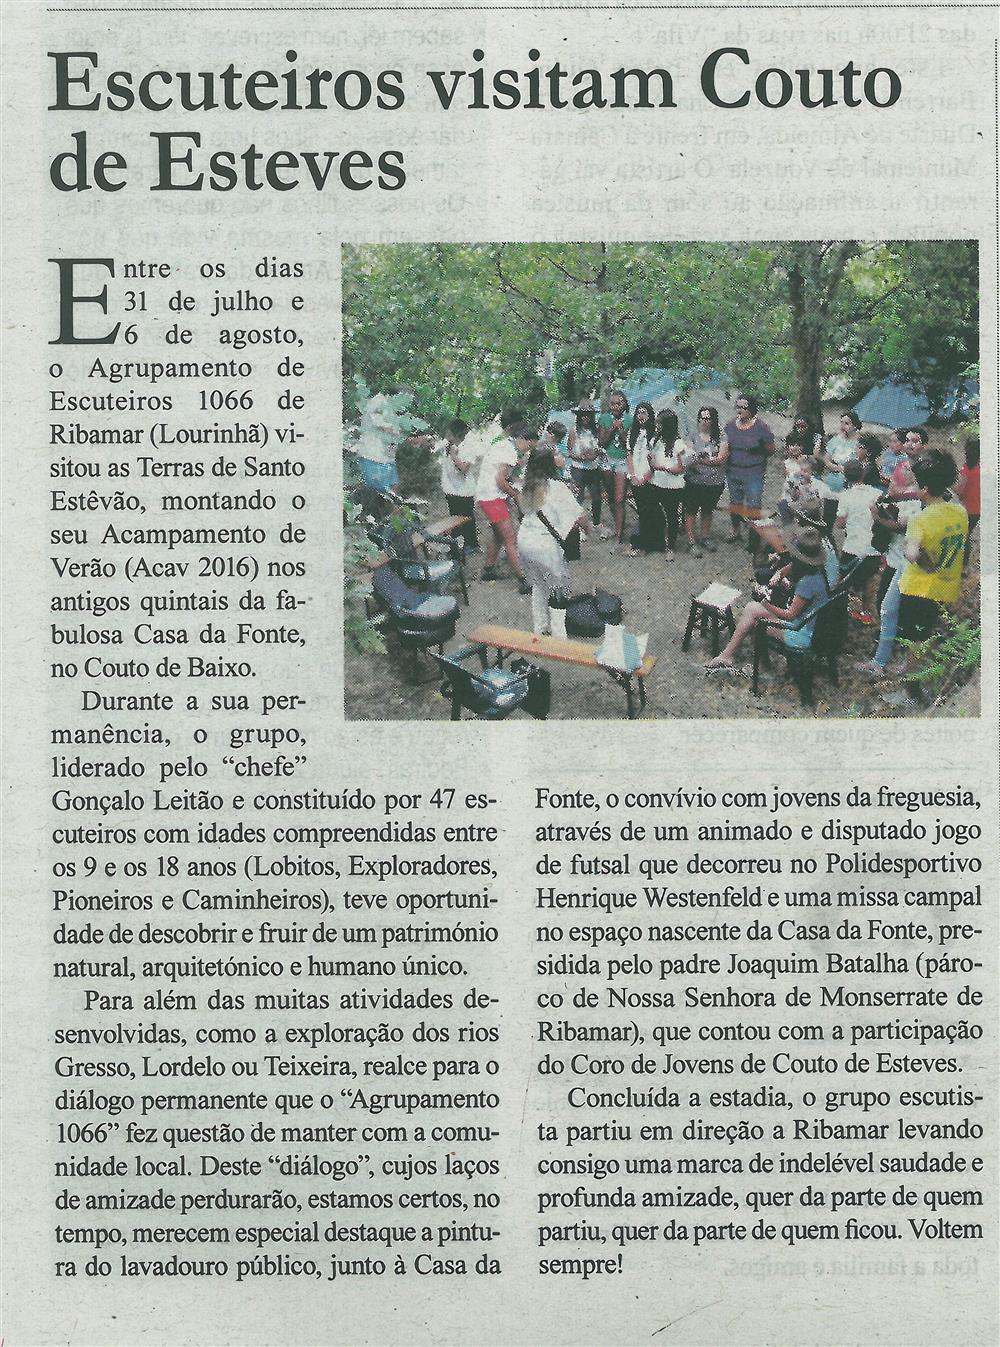 GB-15set.'16-p.10-Escuteiros visitam Couto de Esteves.jpg